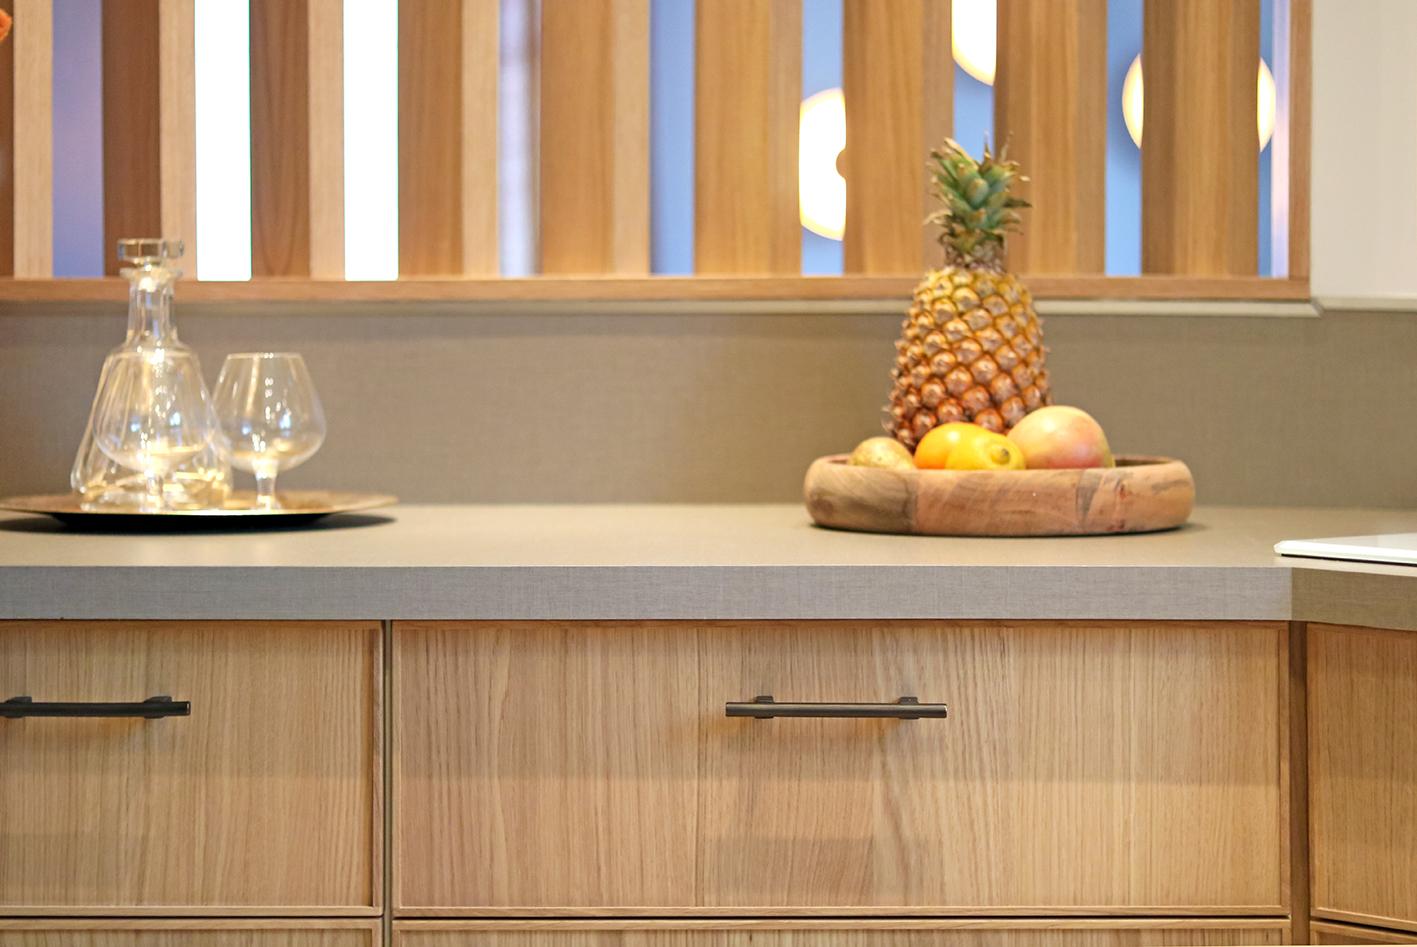 cuisine-sur-mesure-lyon-architecture-interieur